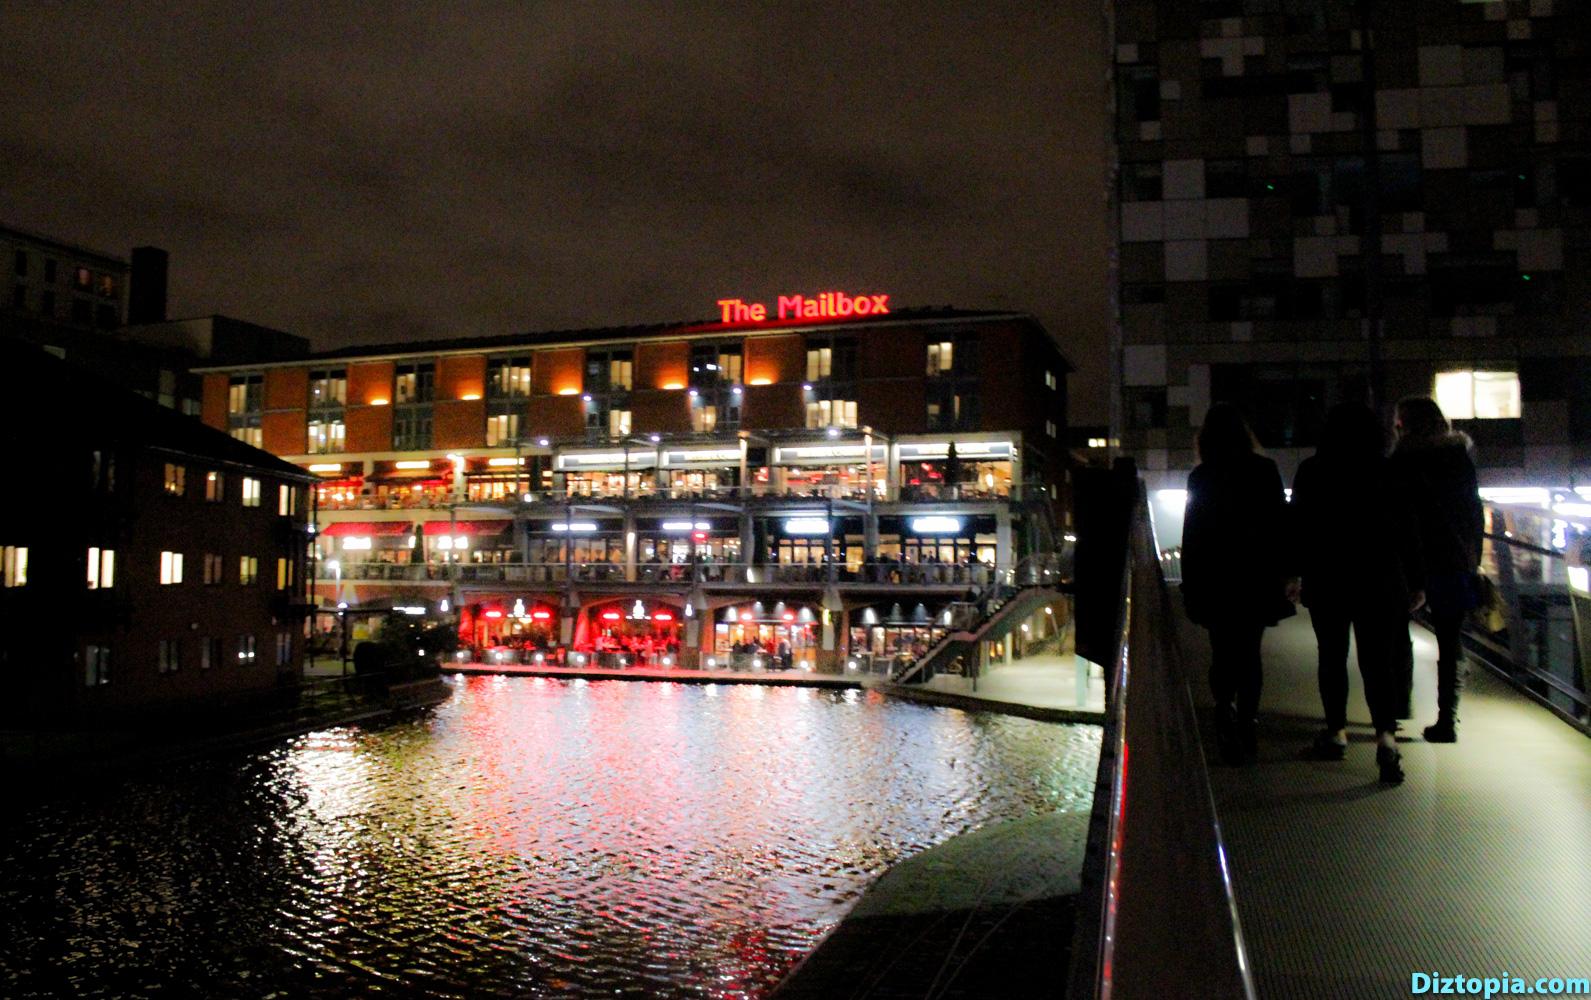 Birmingham-Canal-City-Diztopia-Photography-Night-Dizma-Dahl-China-Town-UK-Blog-19